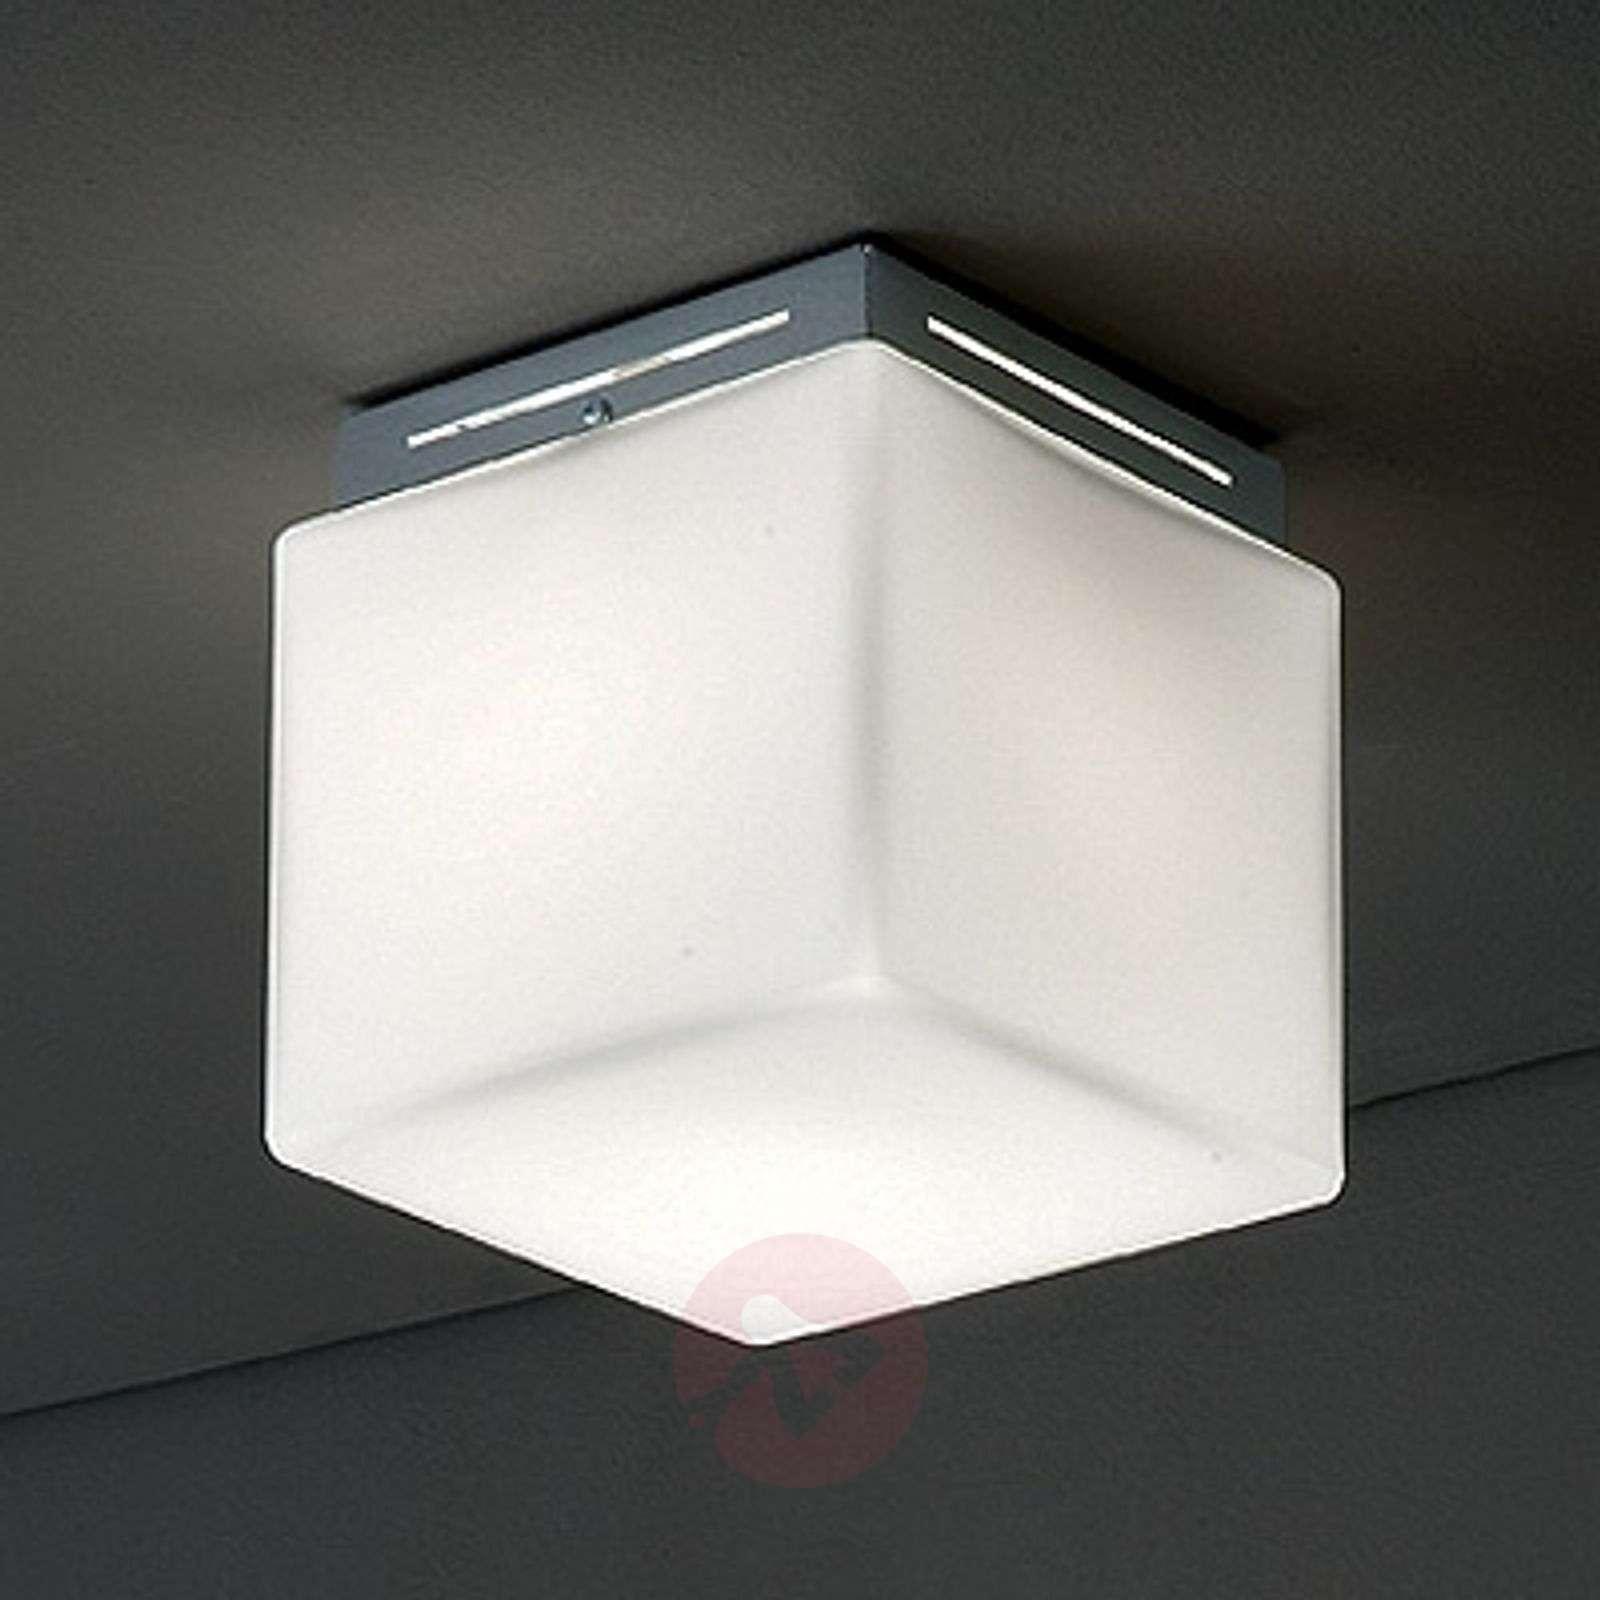 Cubis-kattovalaisin-1053012X-01